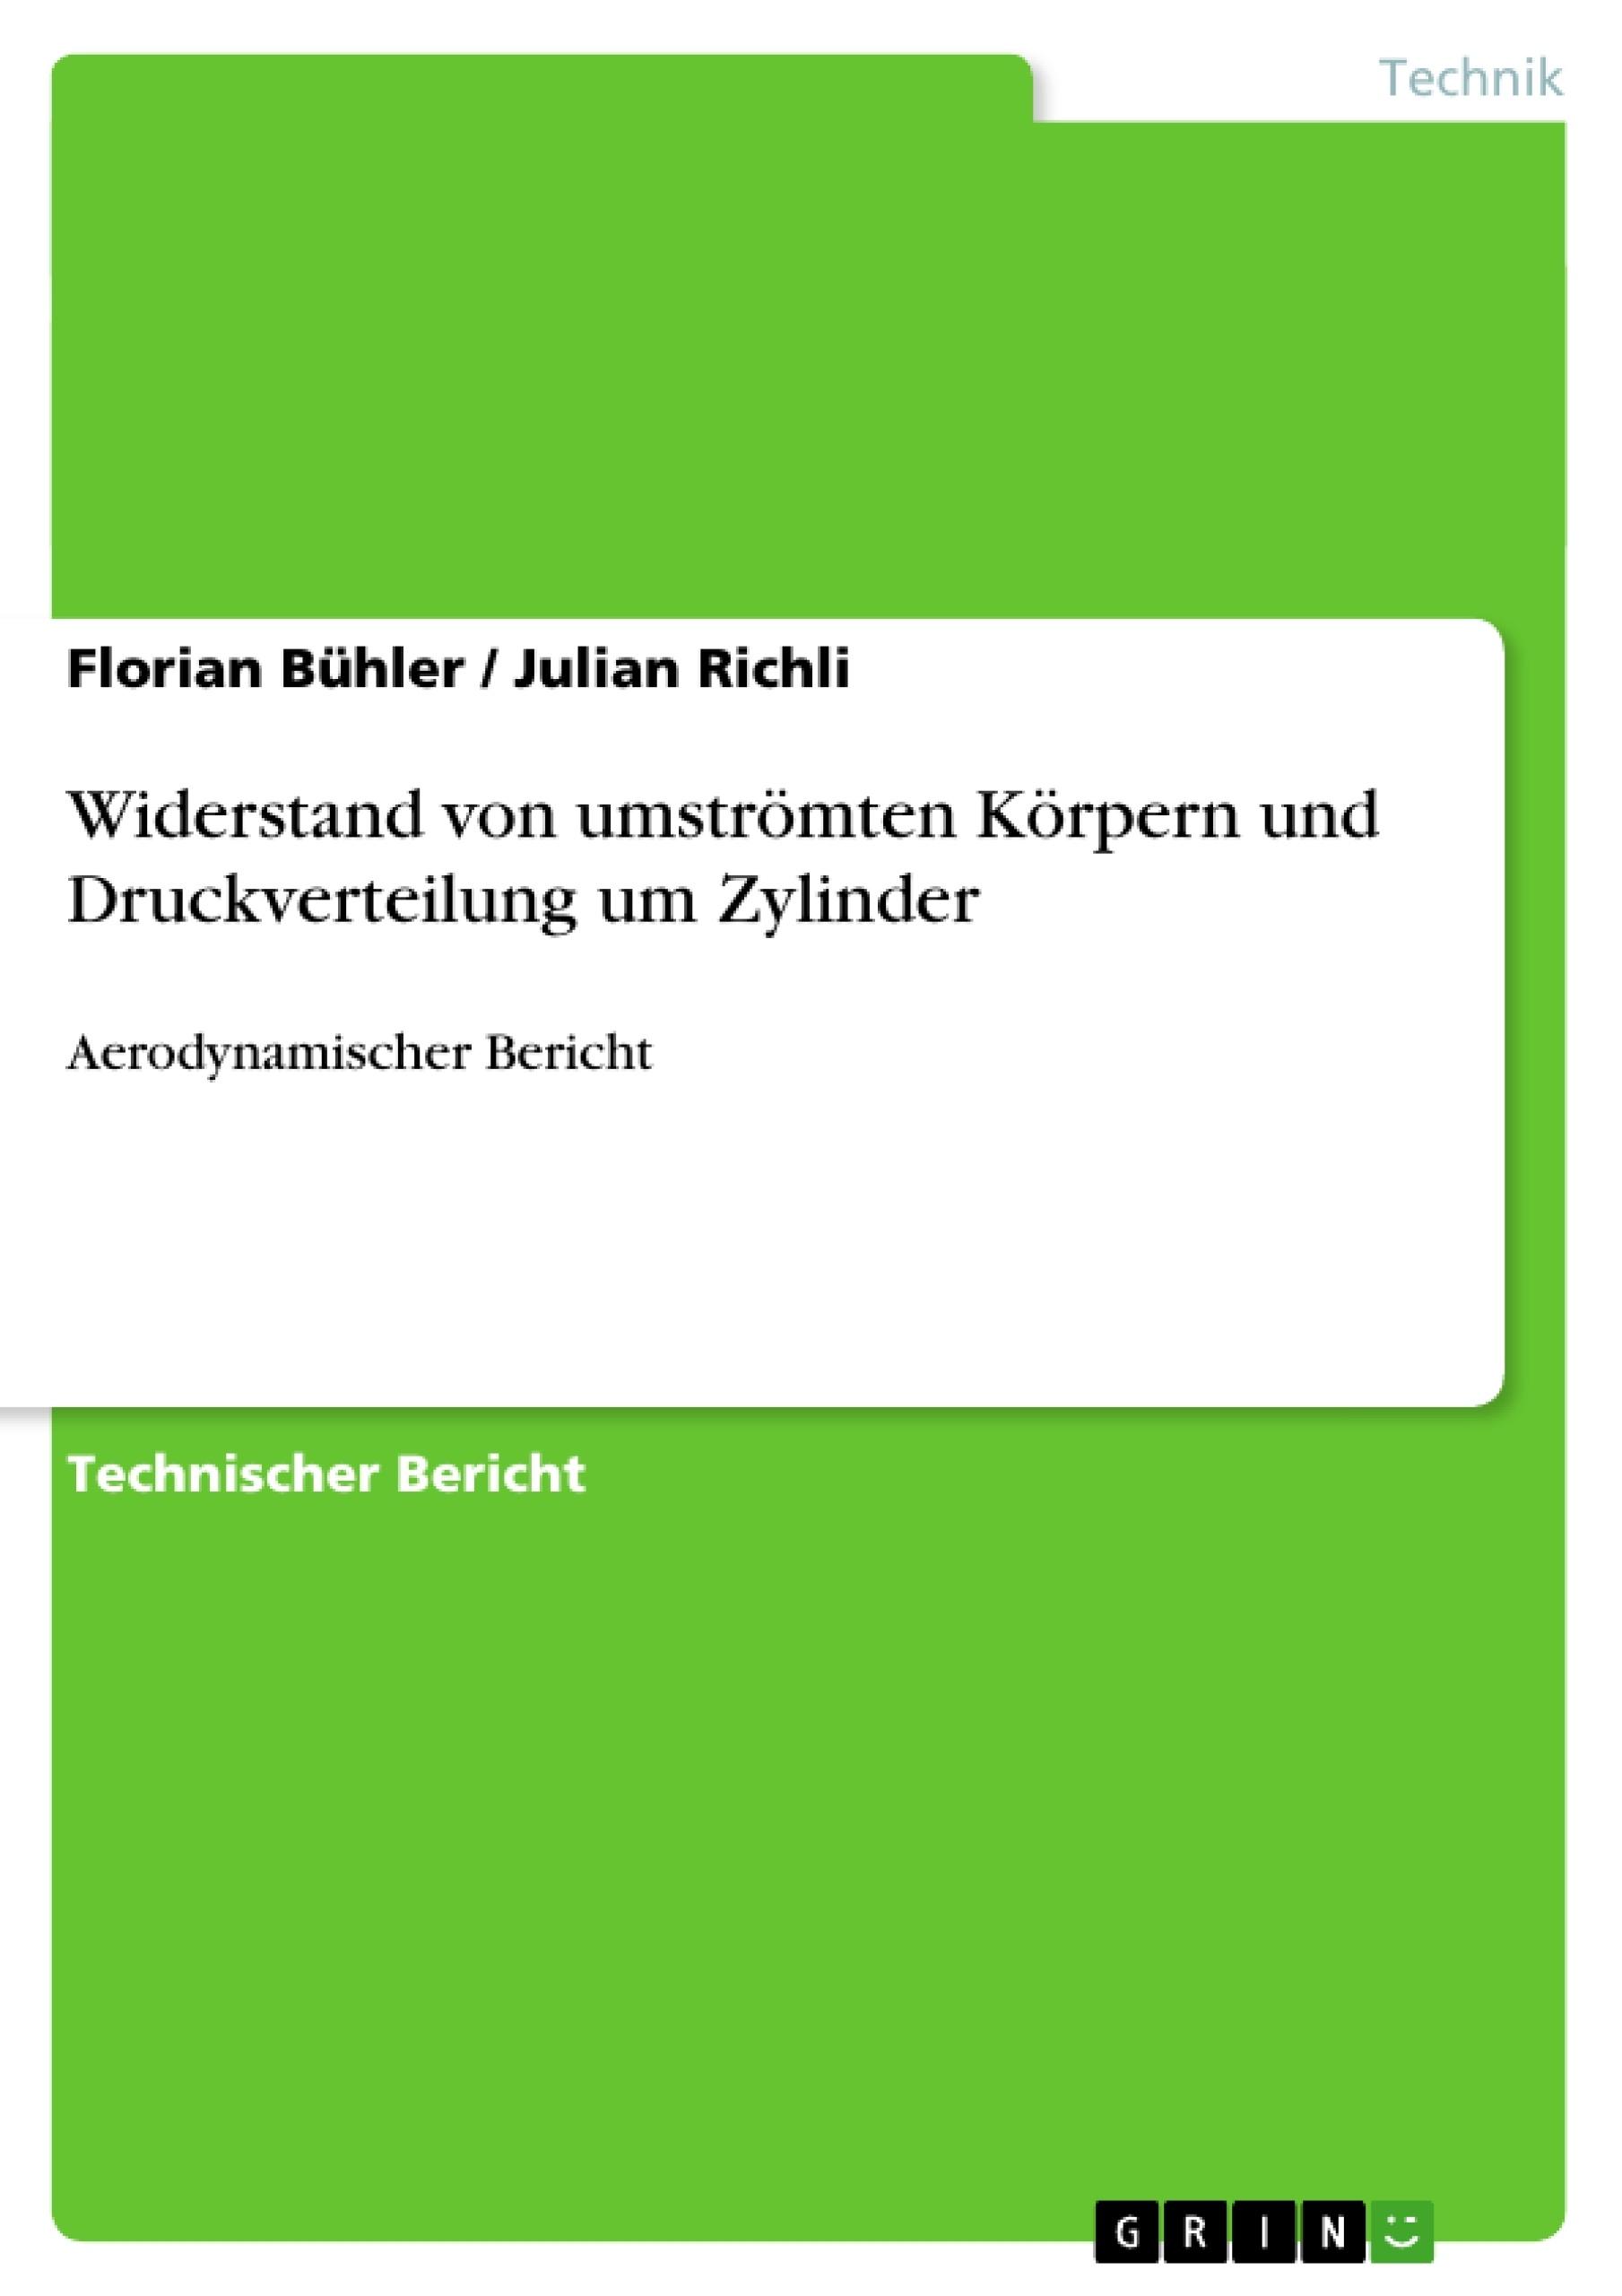 Titel: Widerstand von umströmten Körpern und Druckverteilung um Zylinder